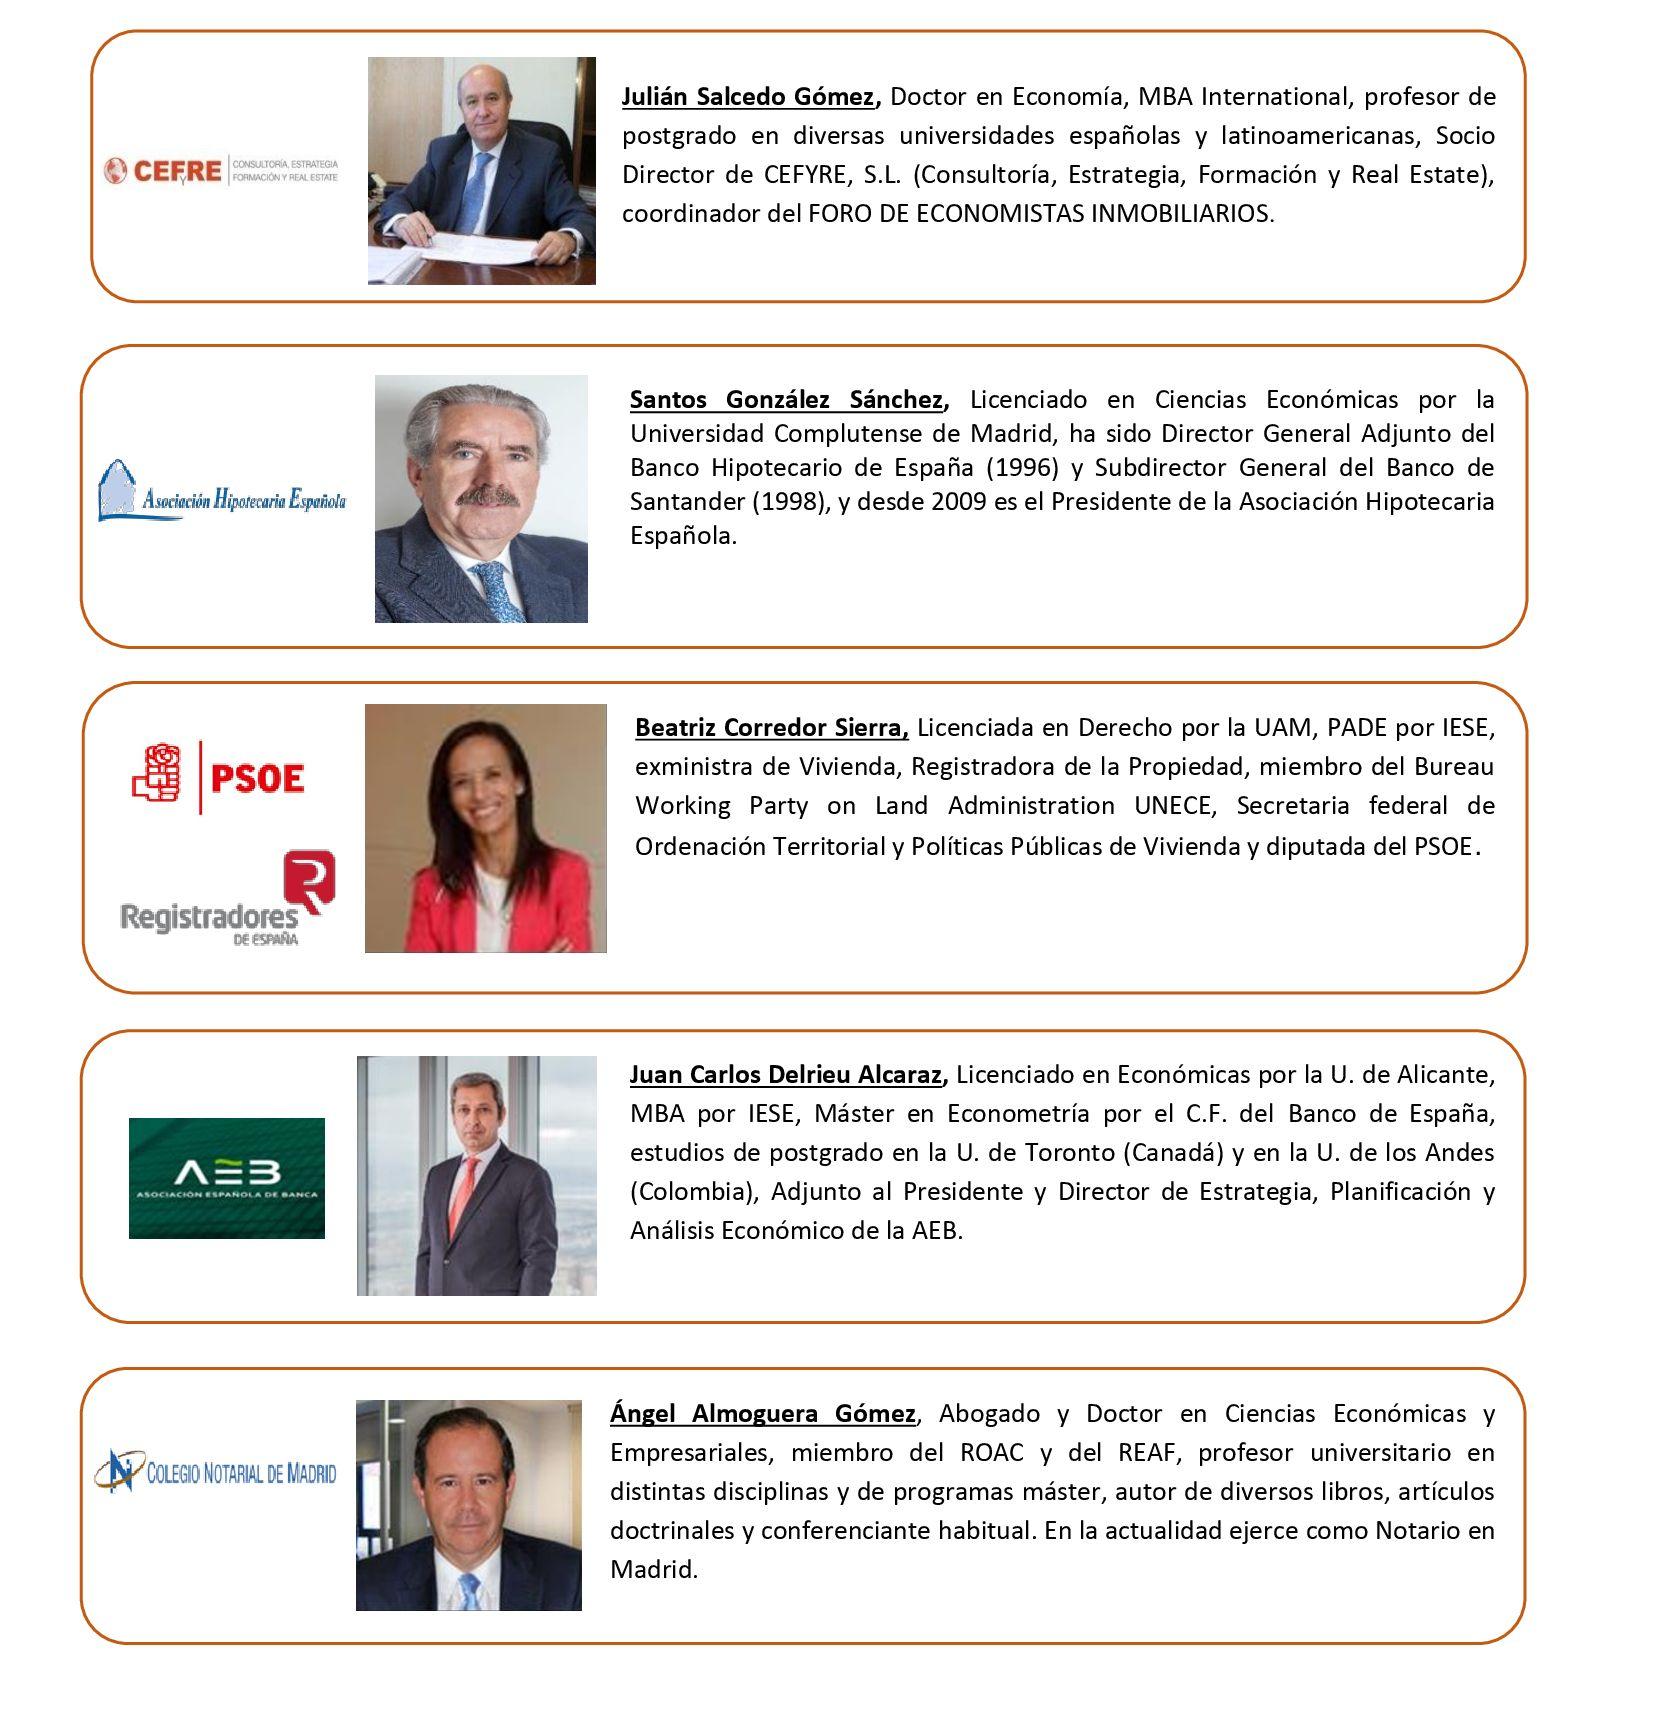 Valores de propiedad en España por región